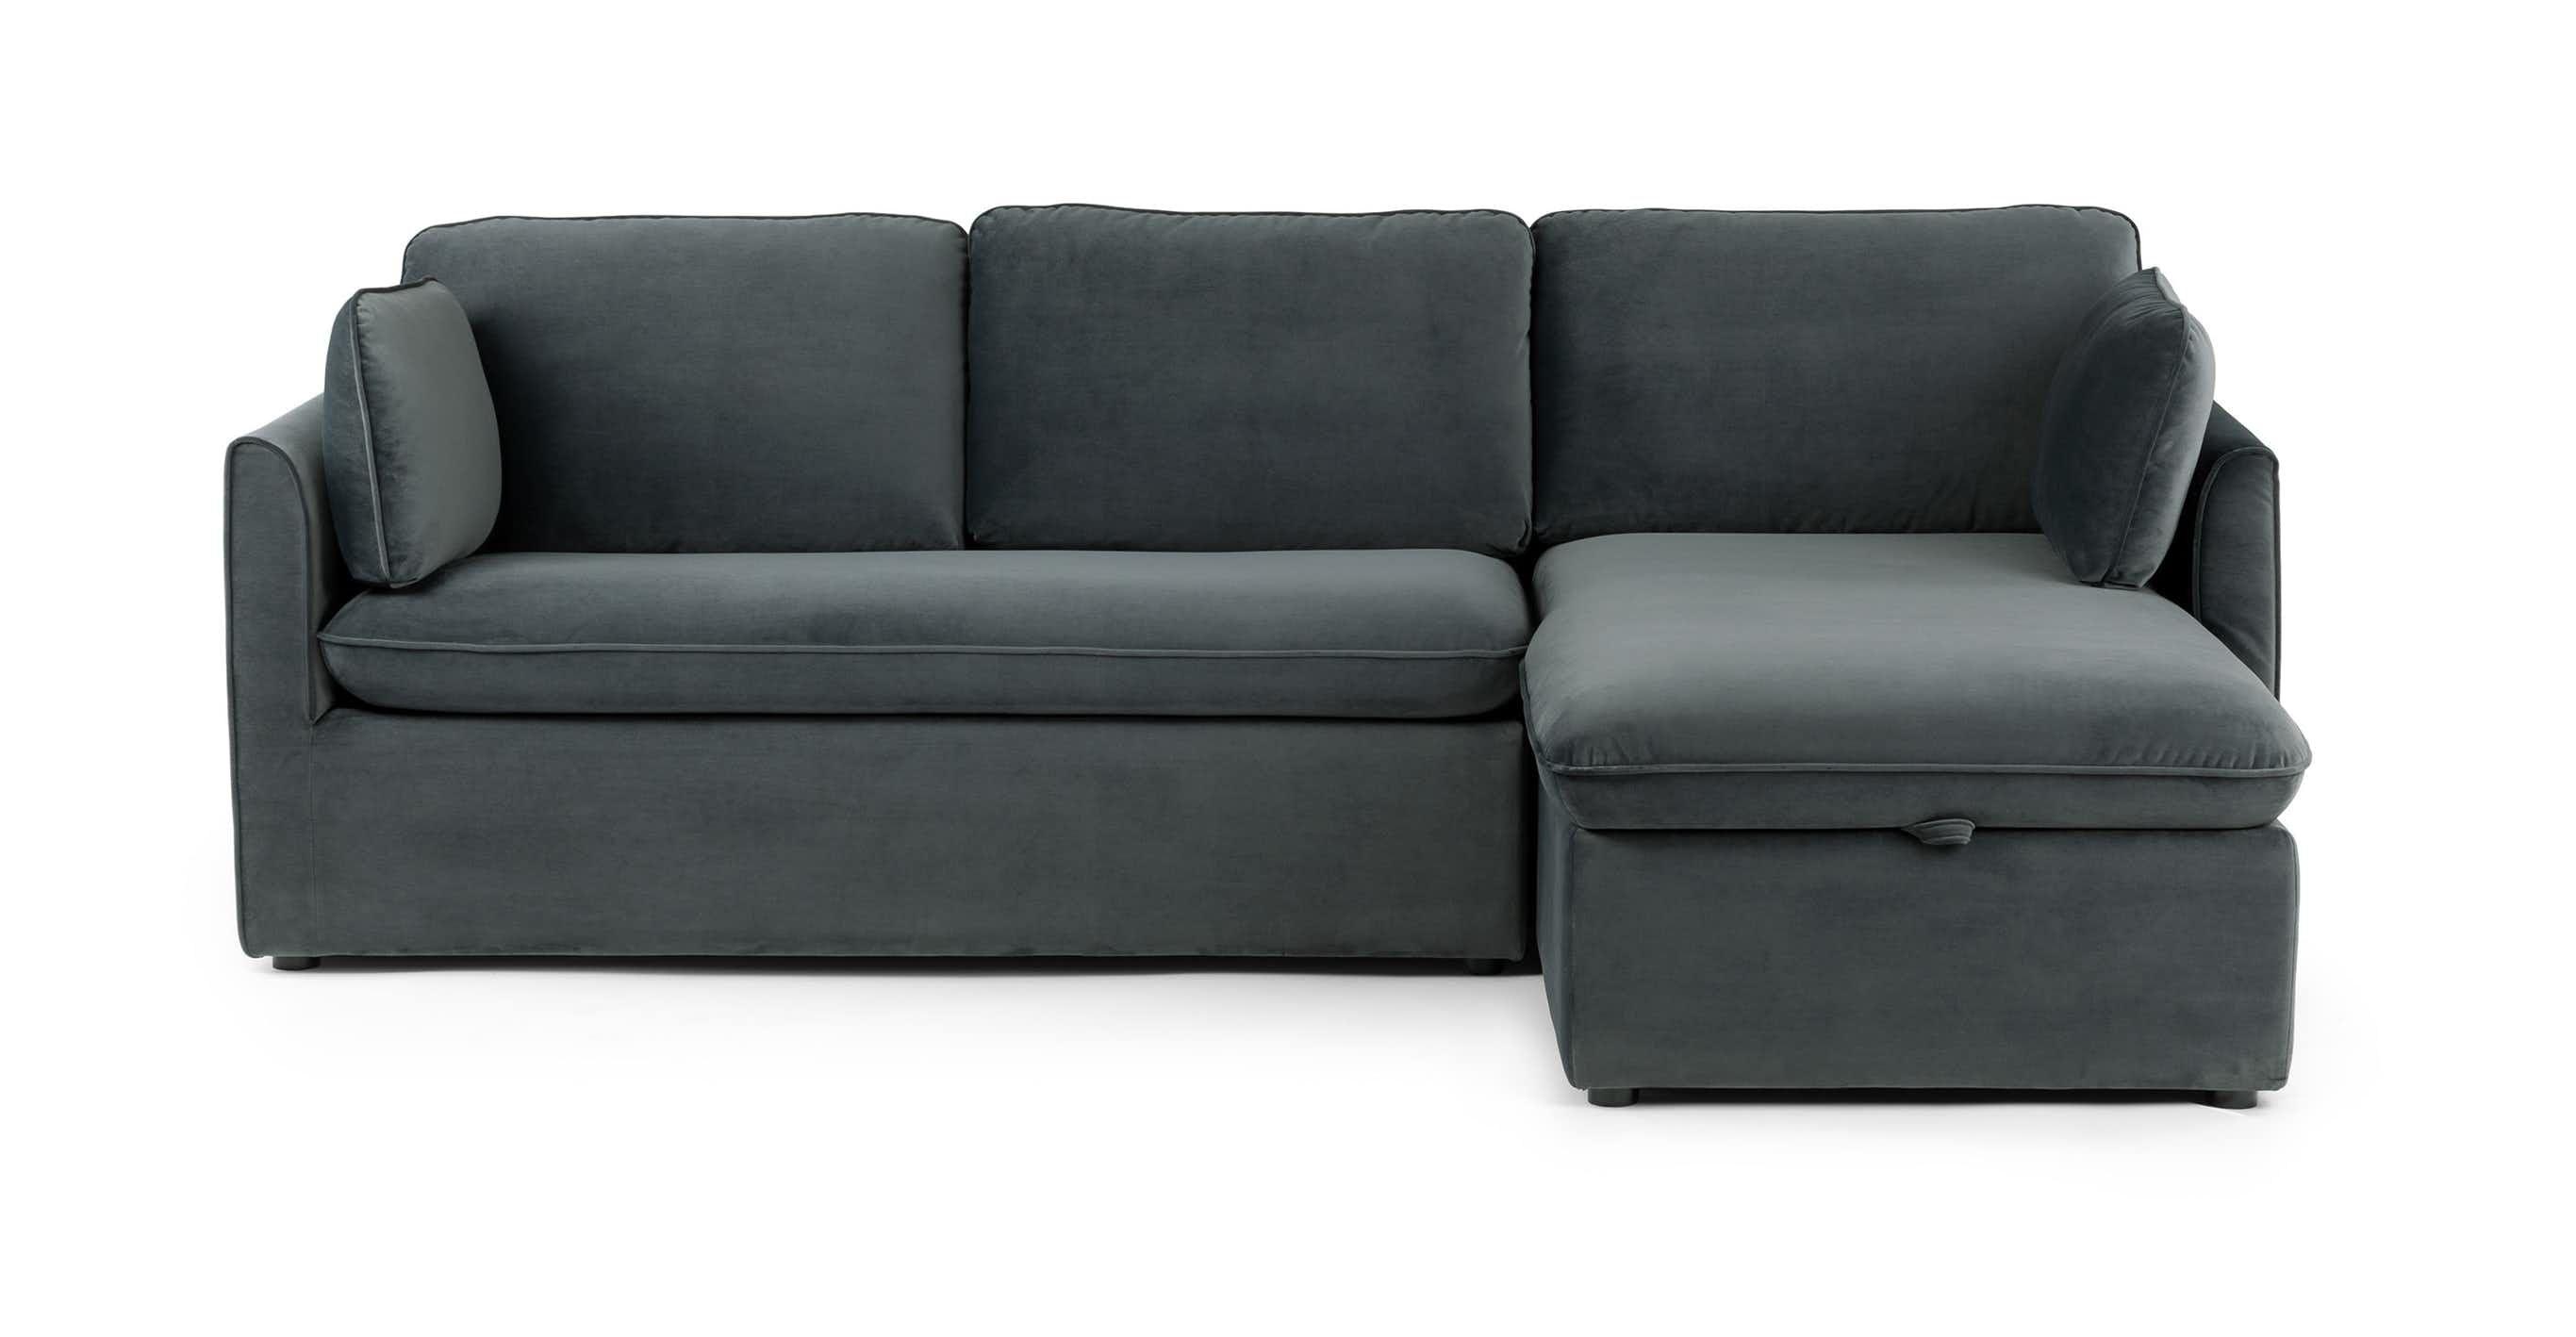 blue gray velvet sofa bed right sectional article oneira modern rh pinterest com